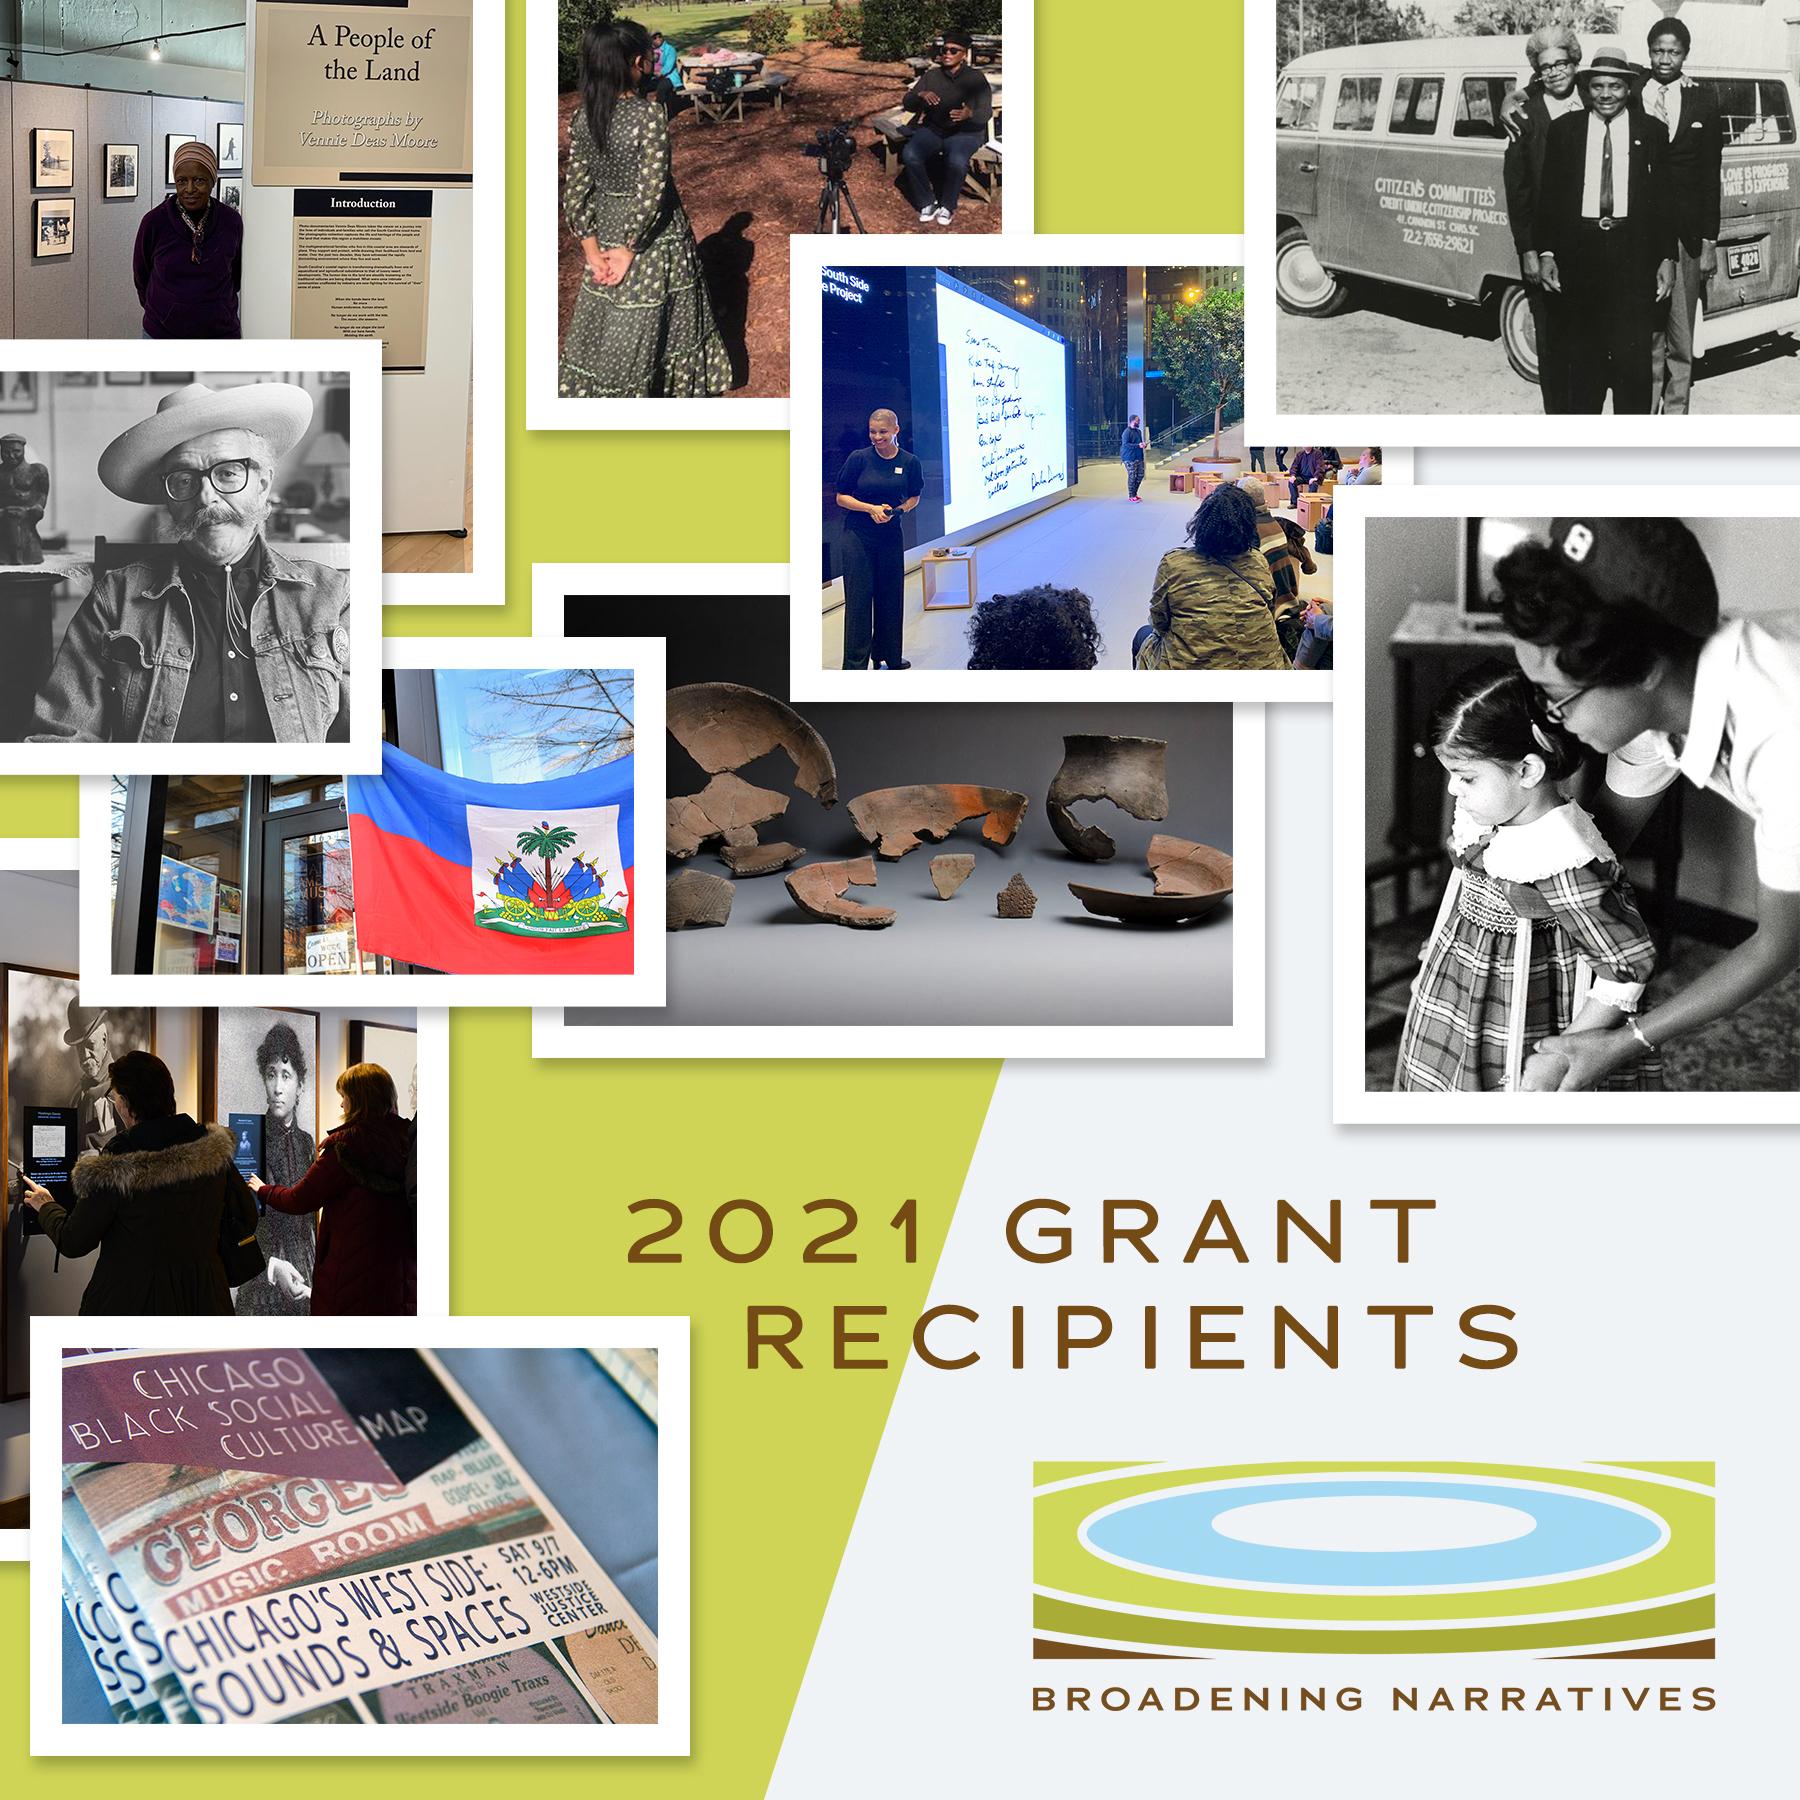 2021 Award to SCMM